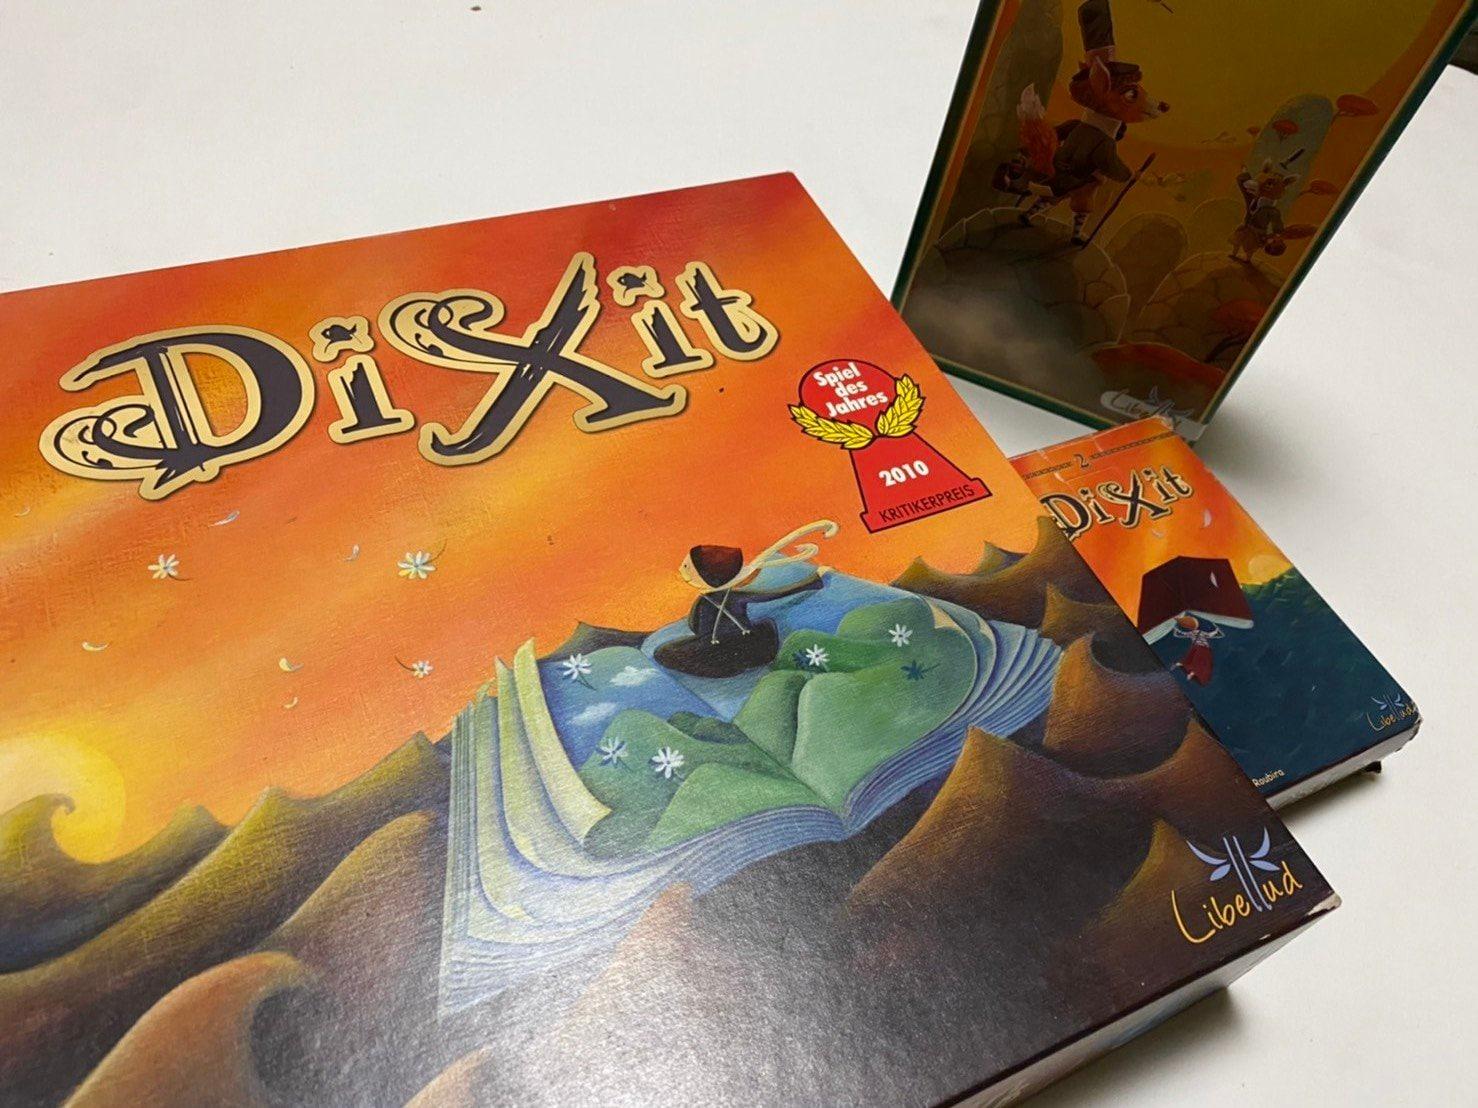 外出自粛期間にアナログゲームを!言葉で想像力を鍛える『Dixit』がオススメなワケの画像004